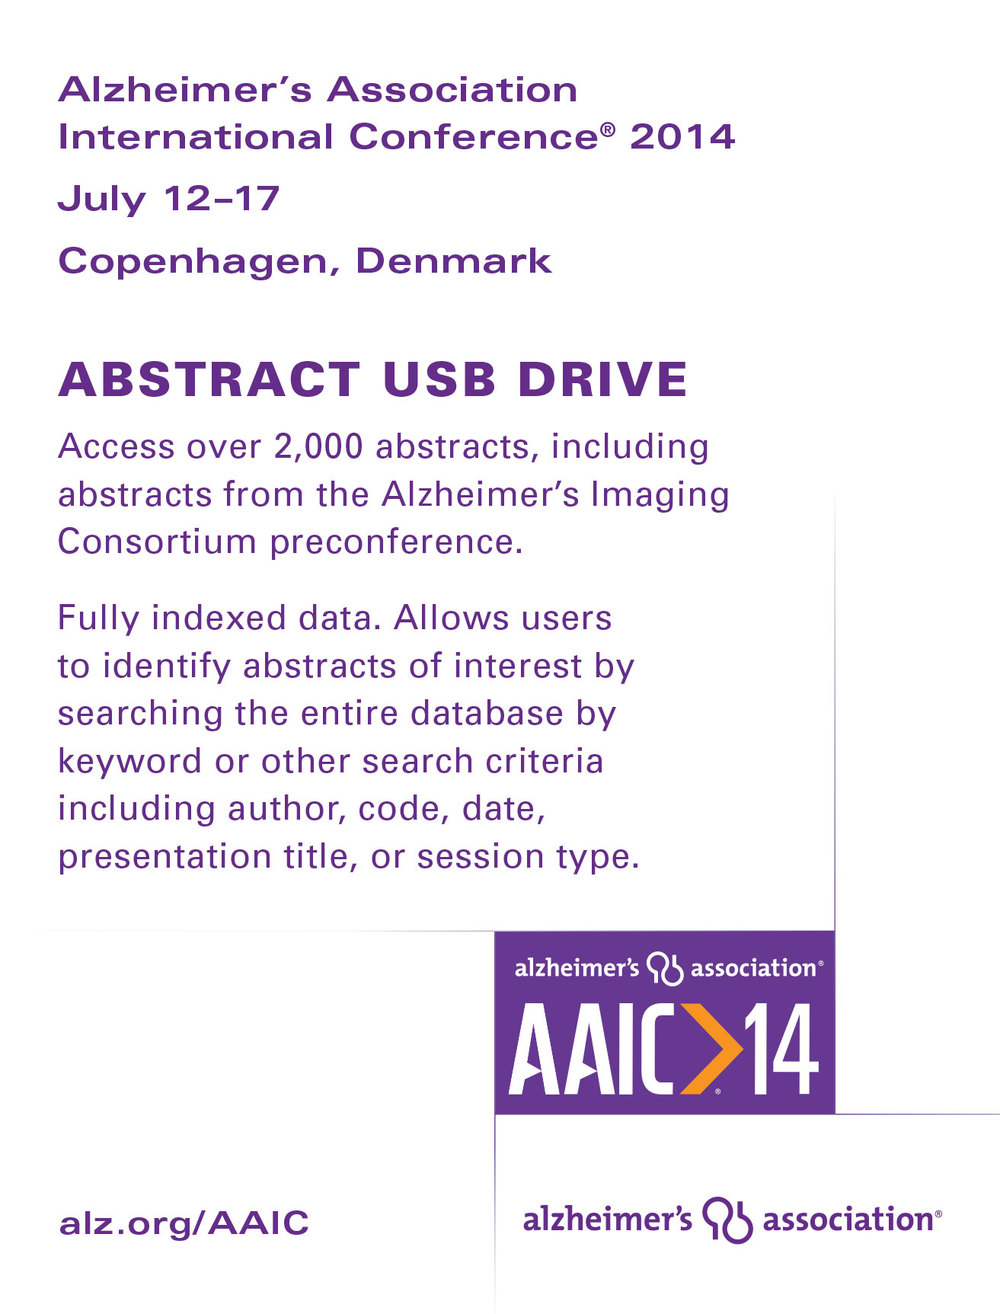 AAIC14 USB INSERT